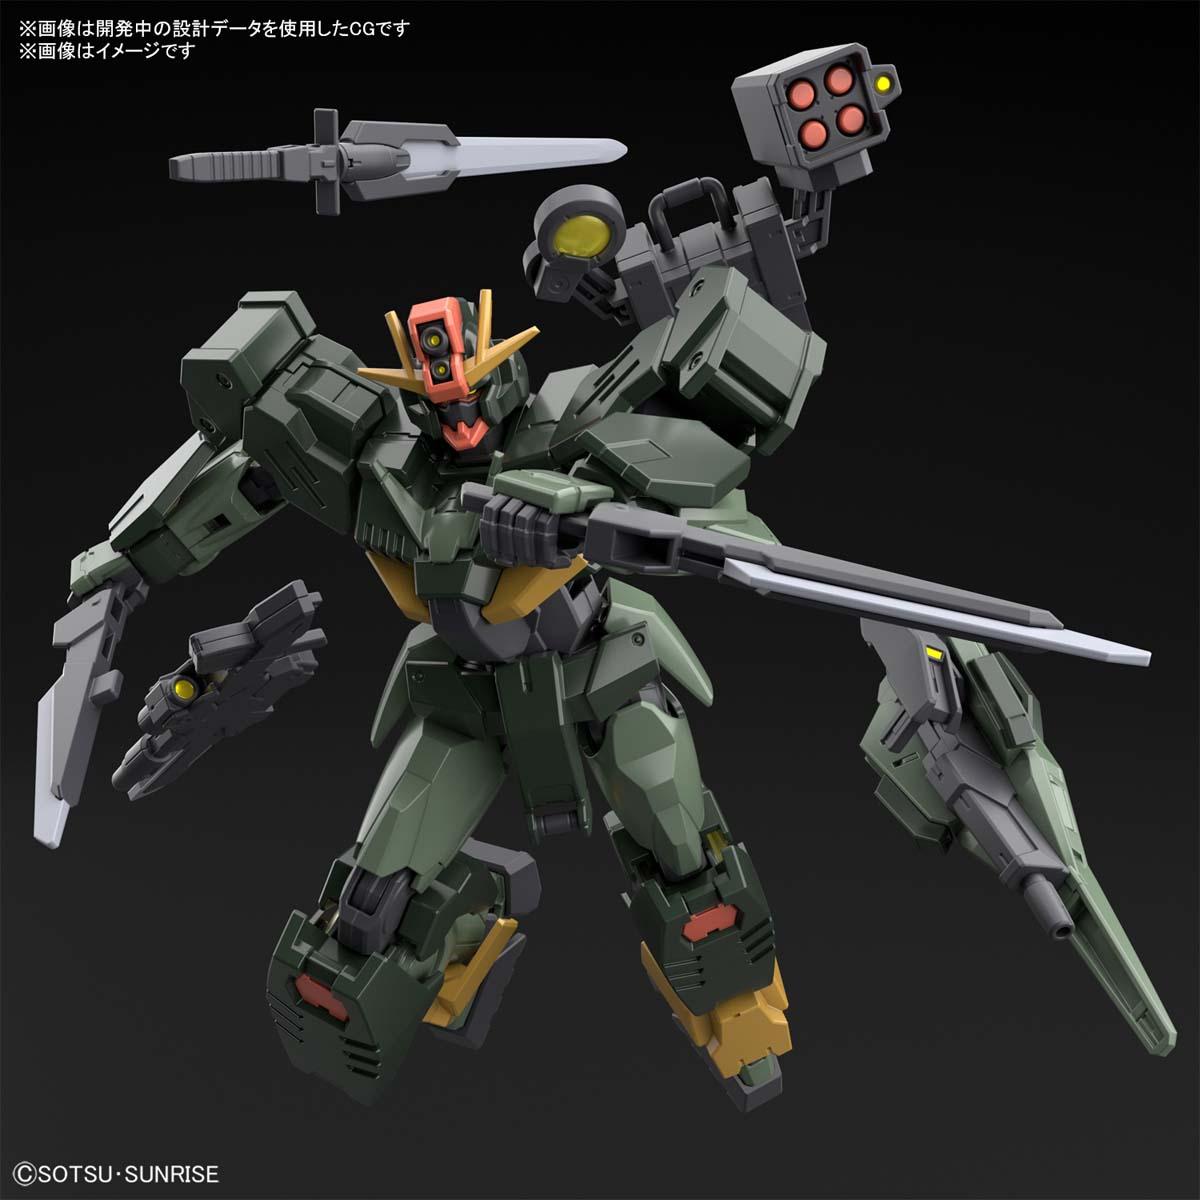 HG 1/144『ガンダムダブルオーコマンドクアンタ』ガンダムブレイカー バトローグ プラモデル-008